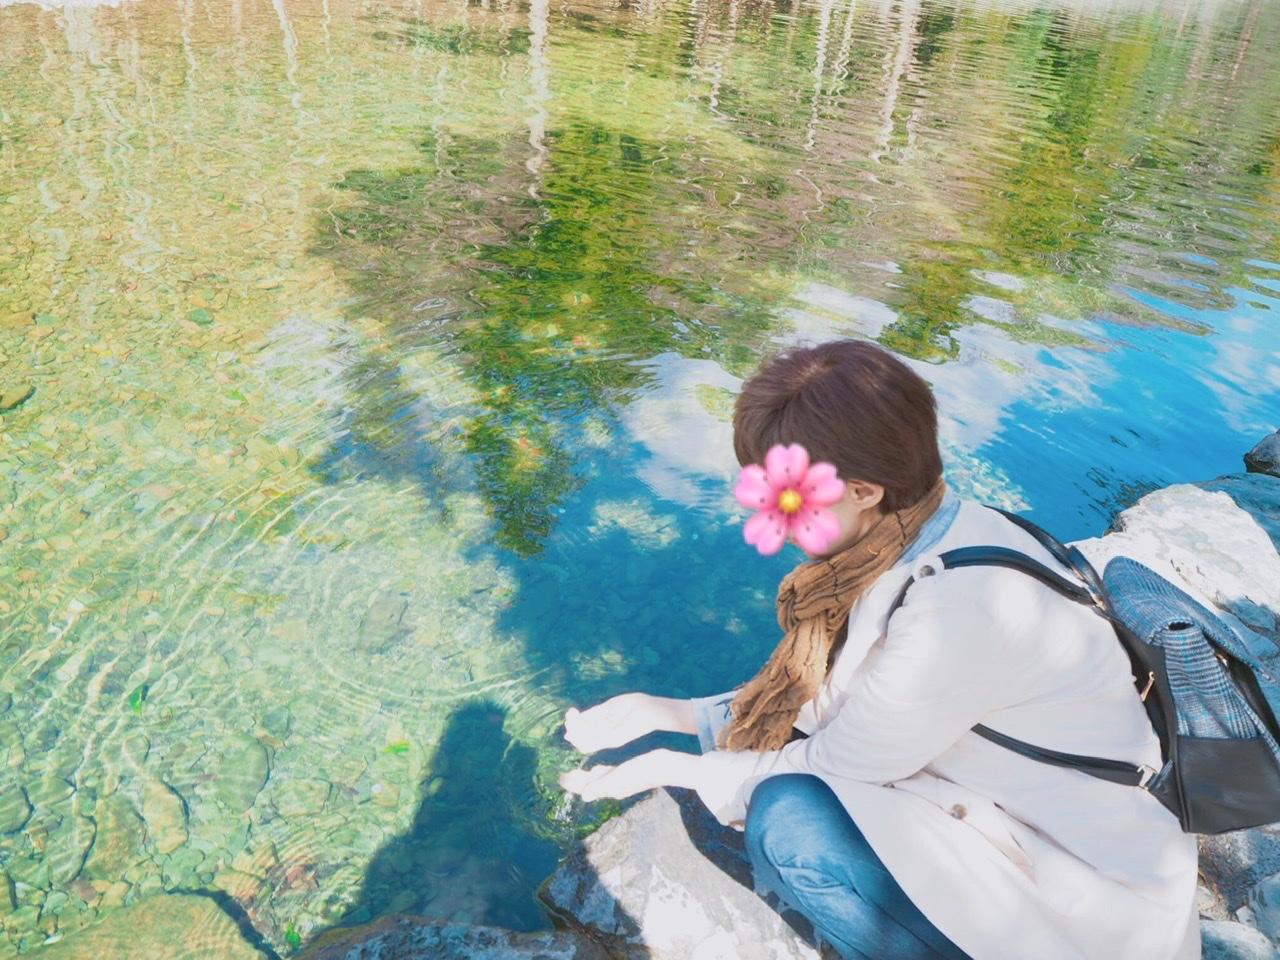 【女子旅におすすめ】一生に一度はお伊勢参り。三重県「伊勢神宮」で開運旅★_9